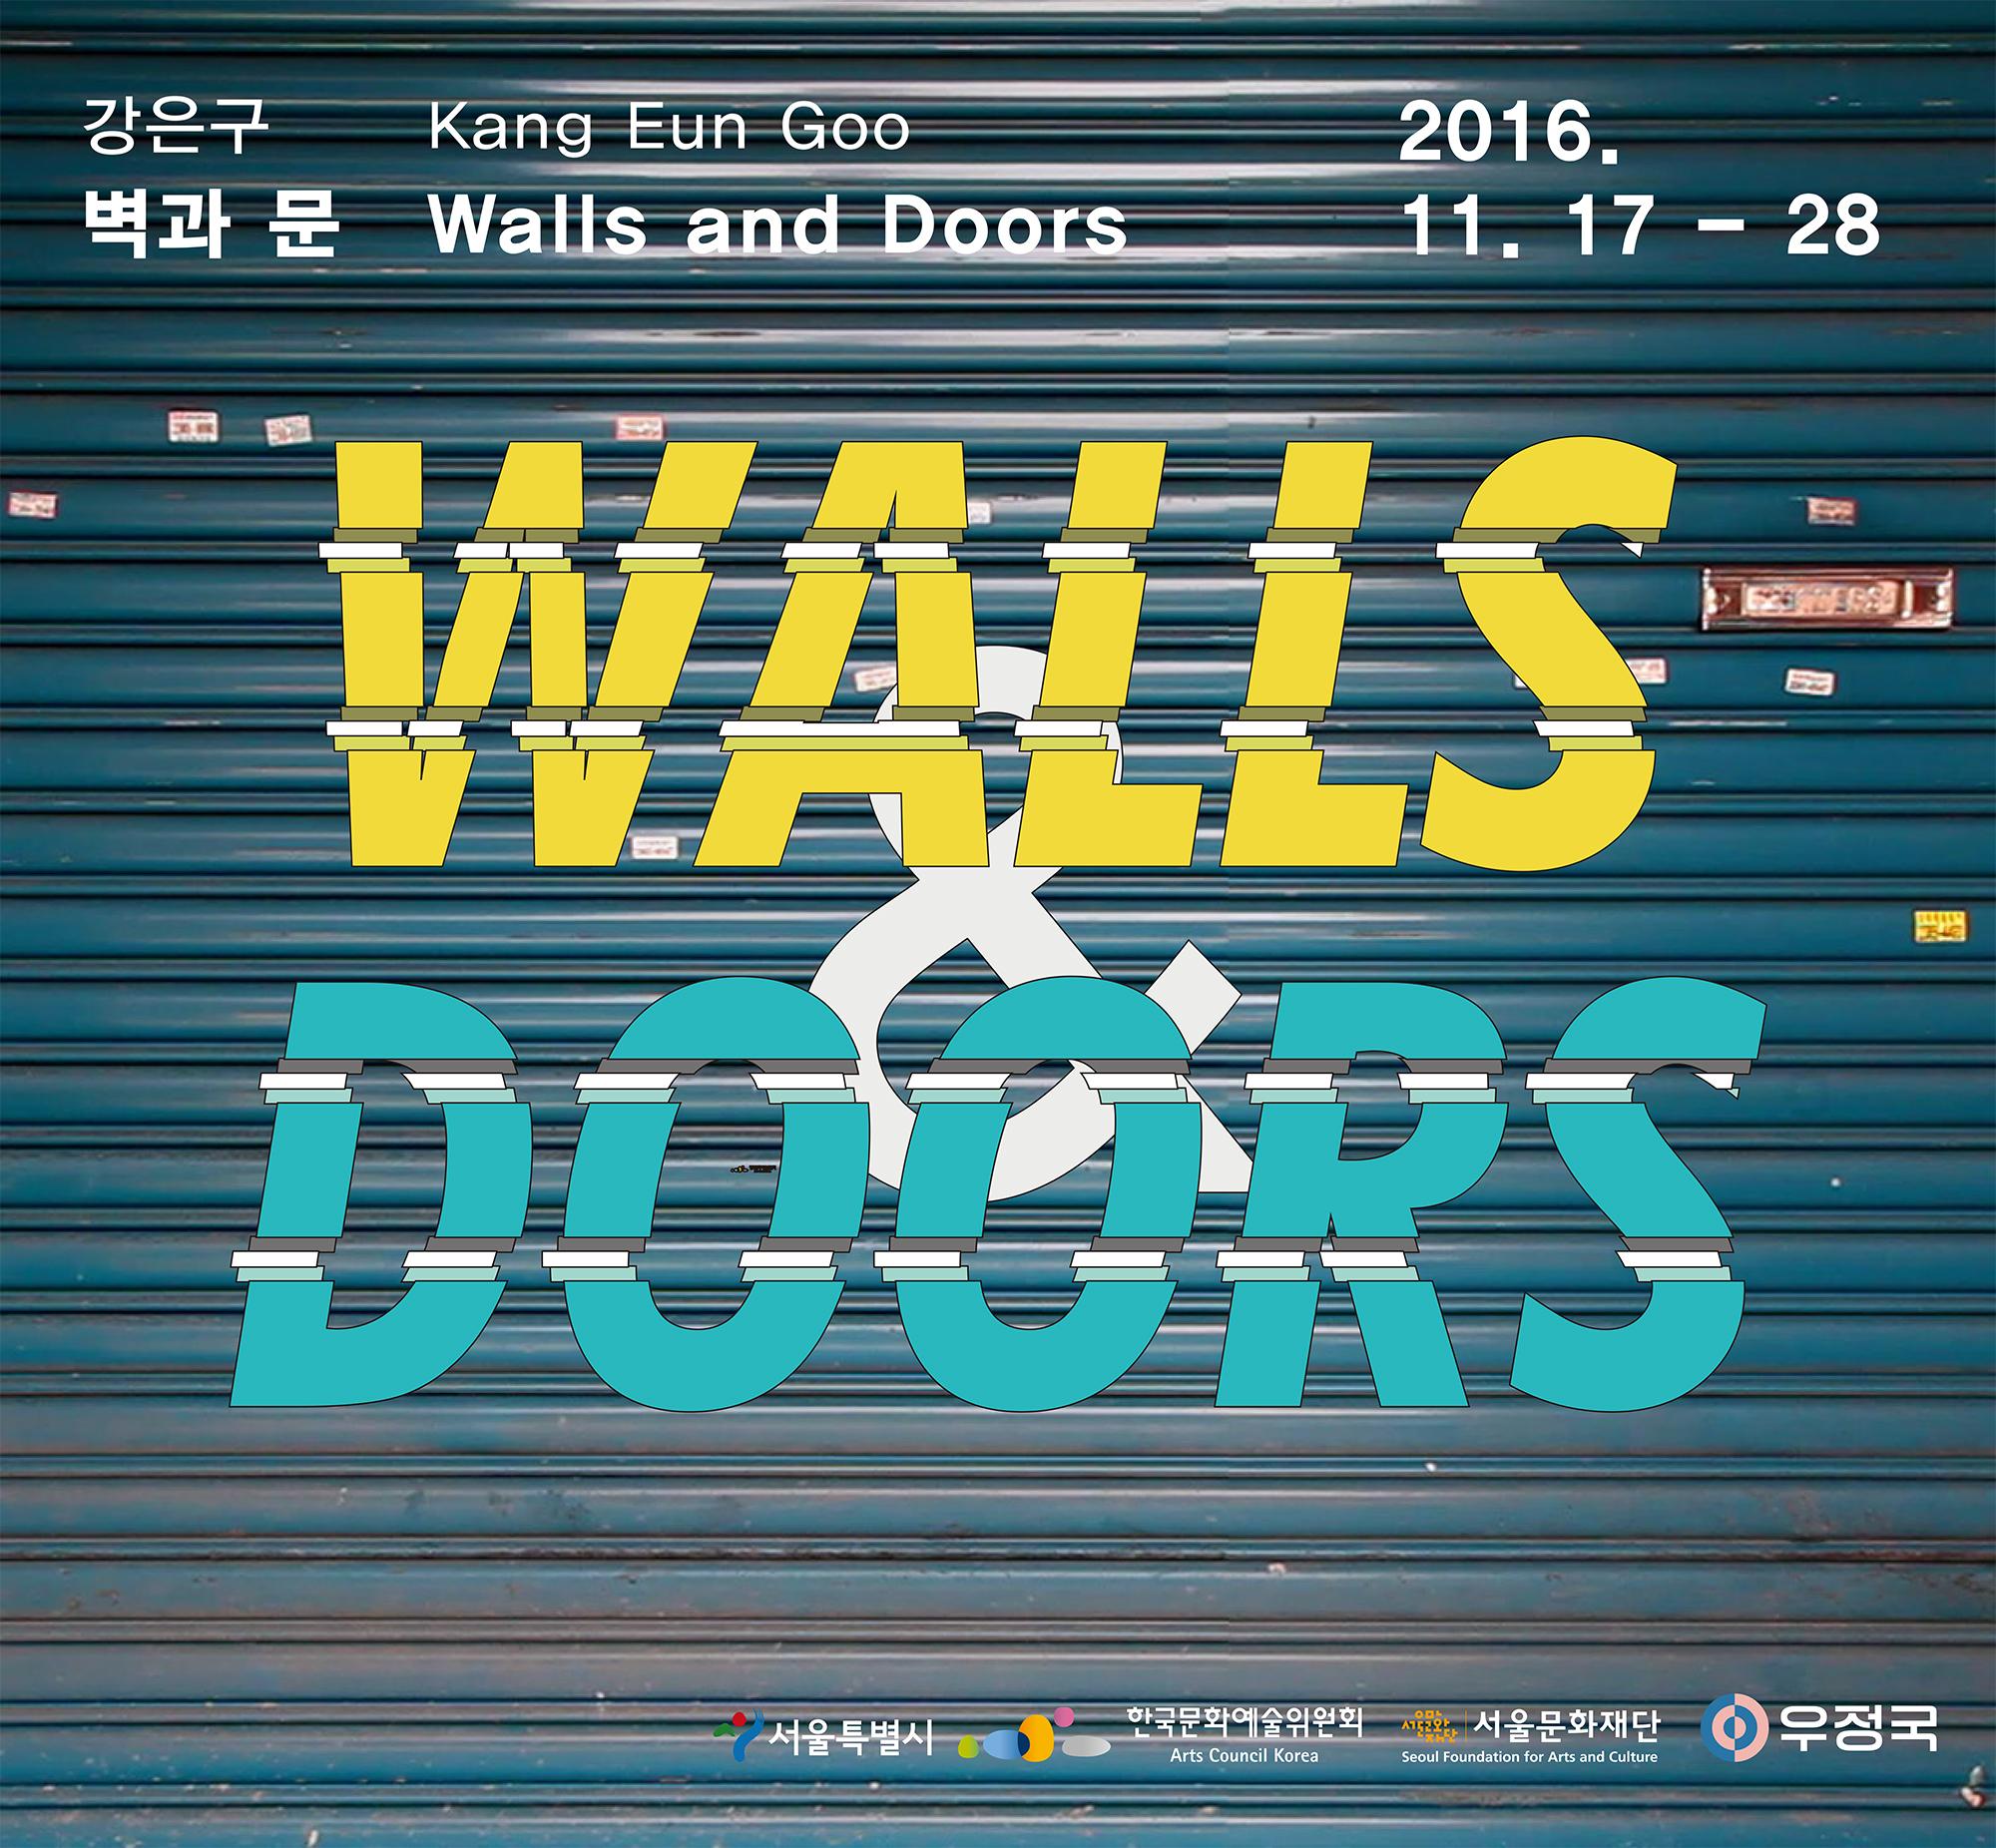 강은구 개인전 벽과 문